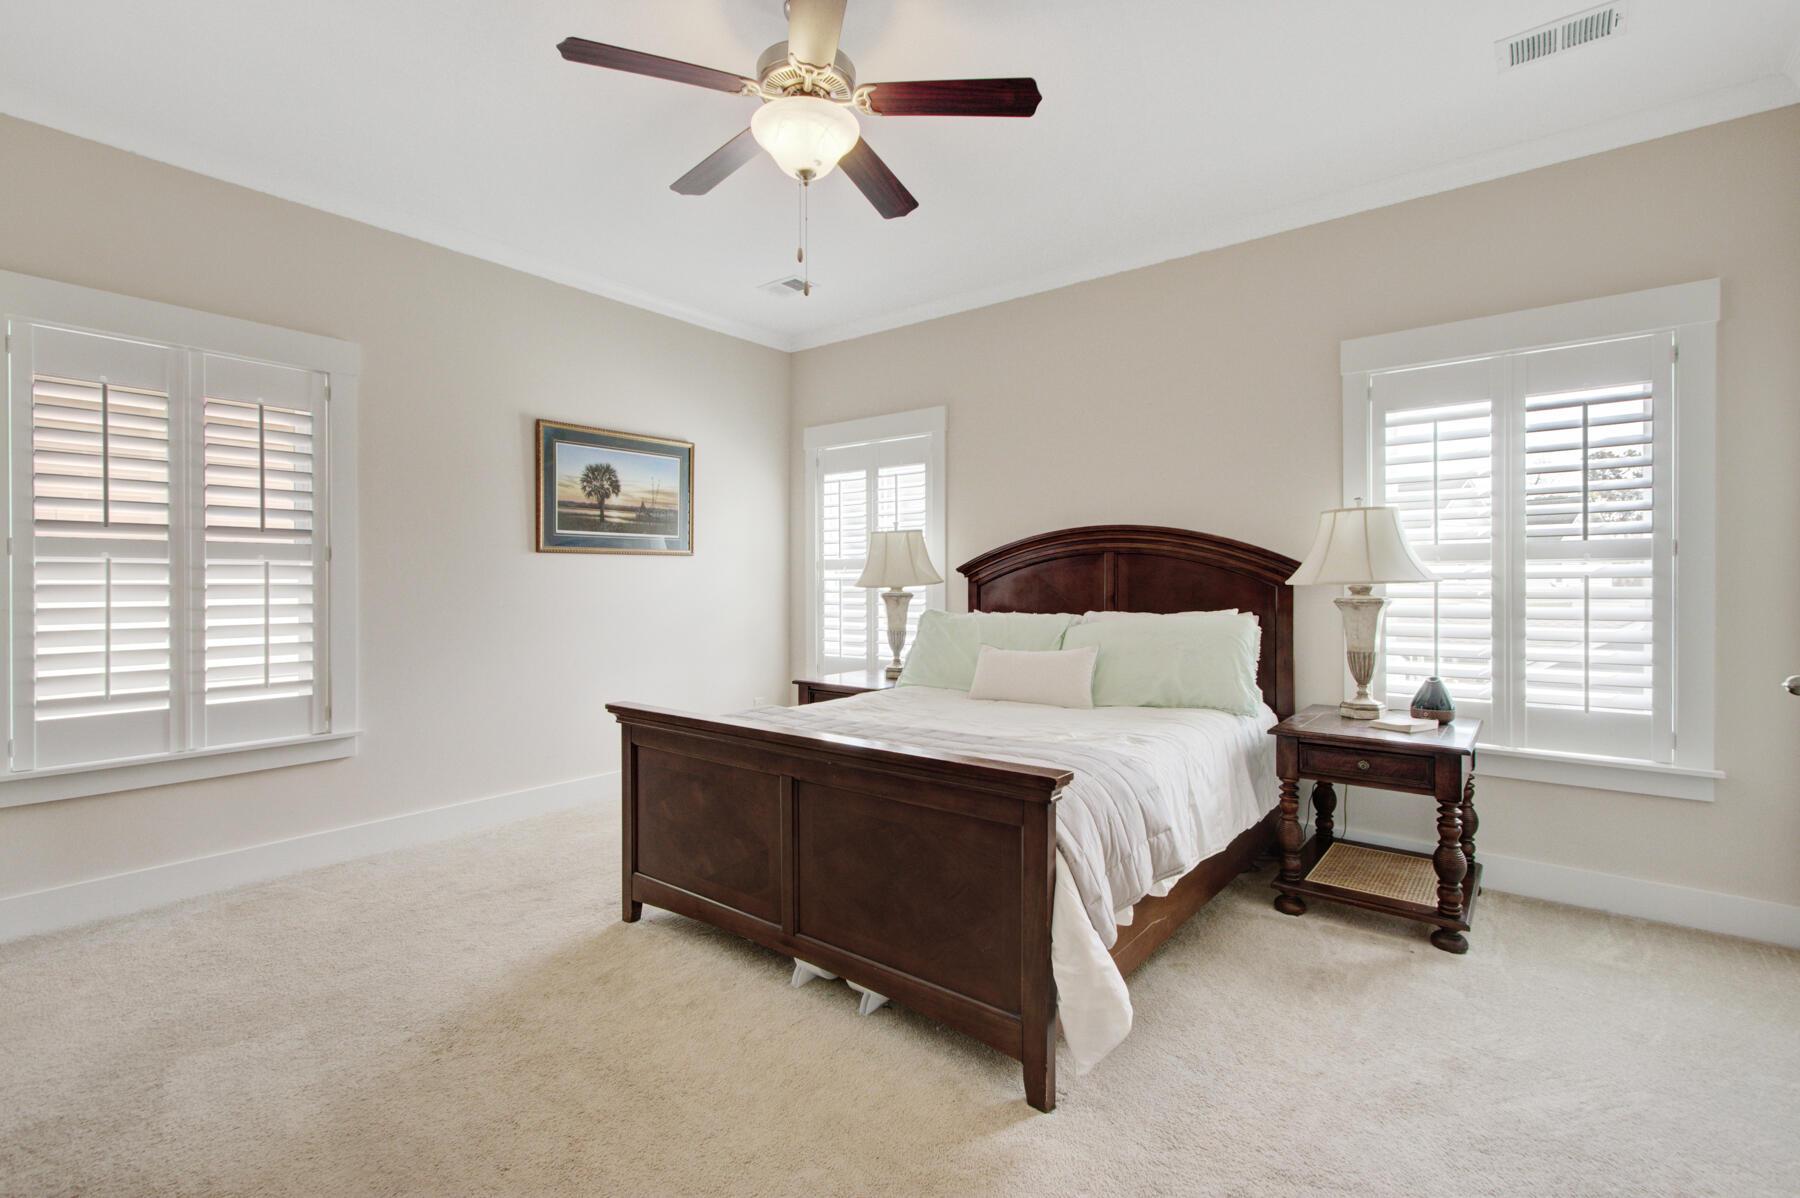 Moultrie Park Homes For Sale - 610 Ellingson, Mount Pleasant, SC - 9